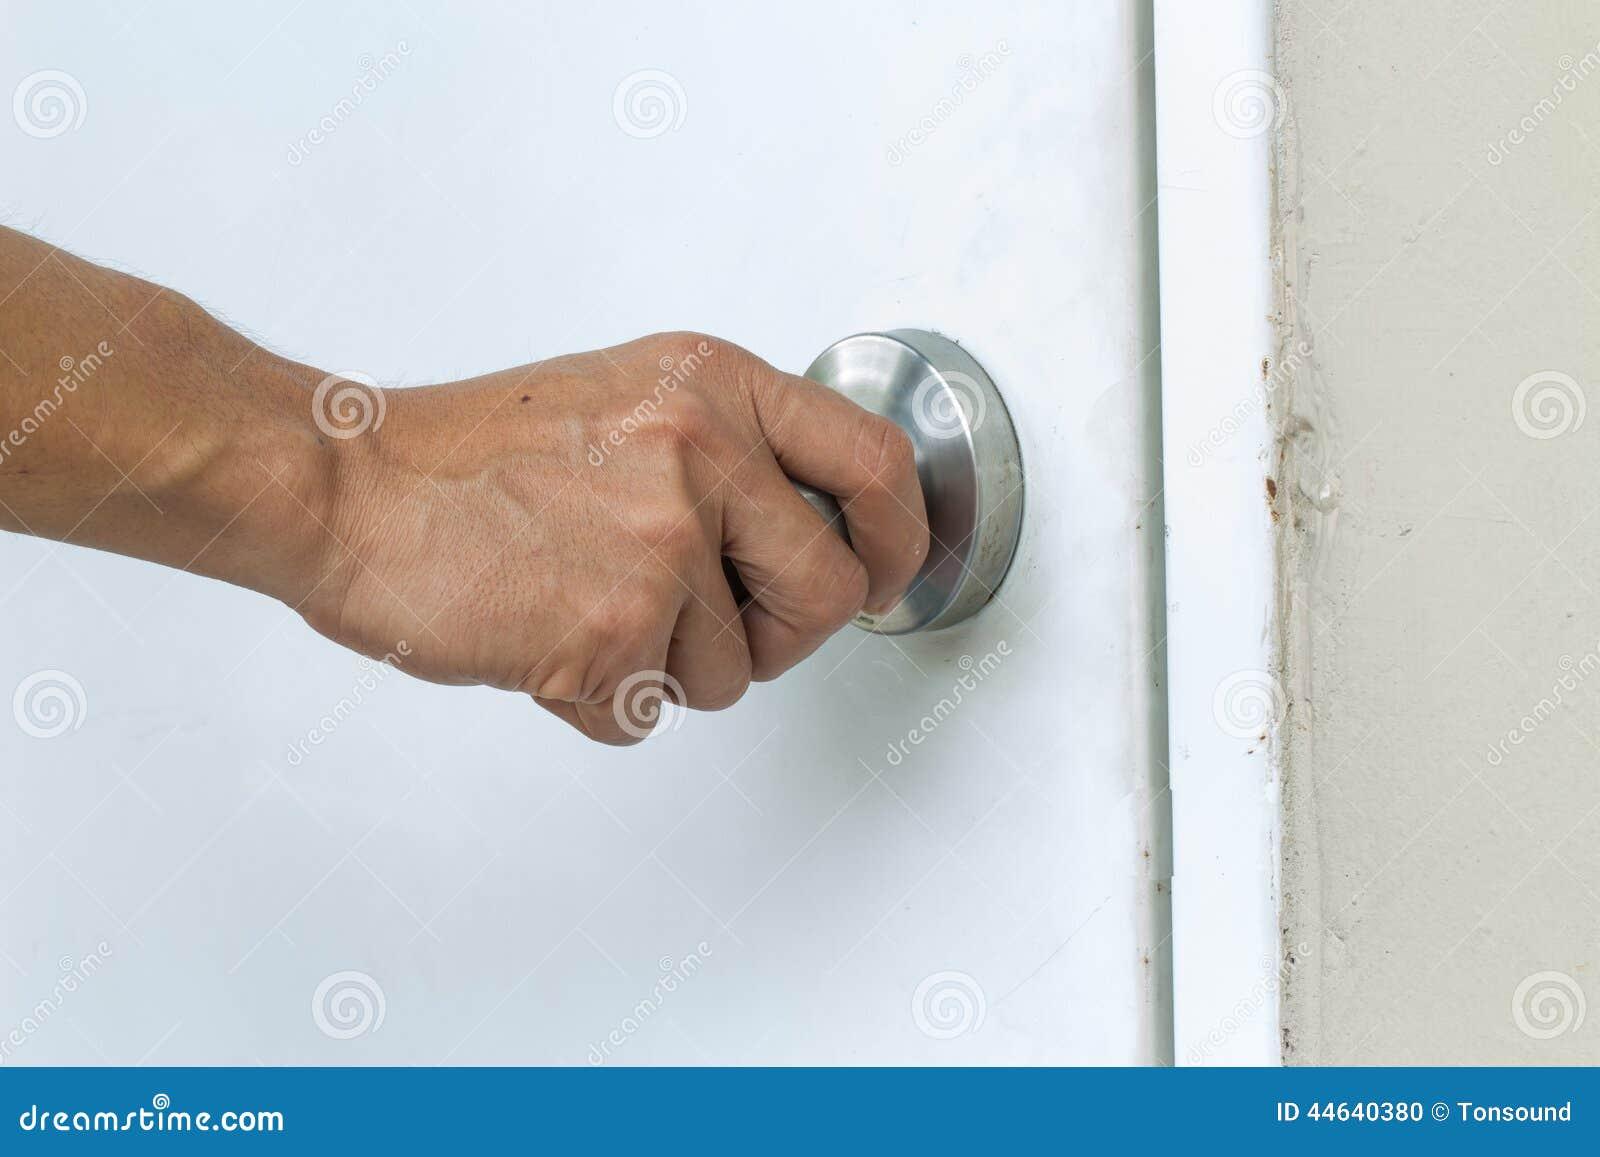 Hand open door knob Stock Photo & Hand Open Door Knob Stock Photo - Image: 51264706 Pezcame.Com